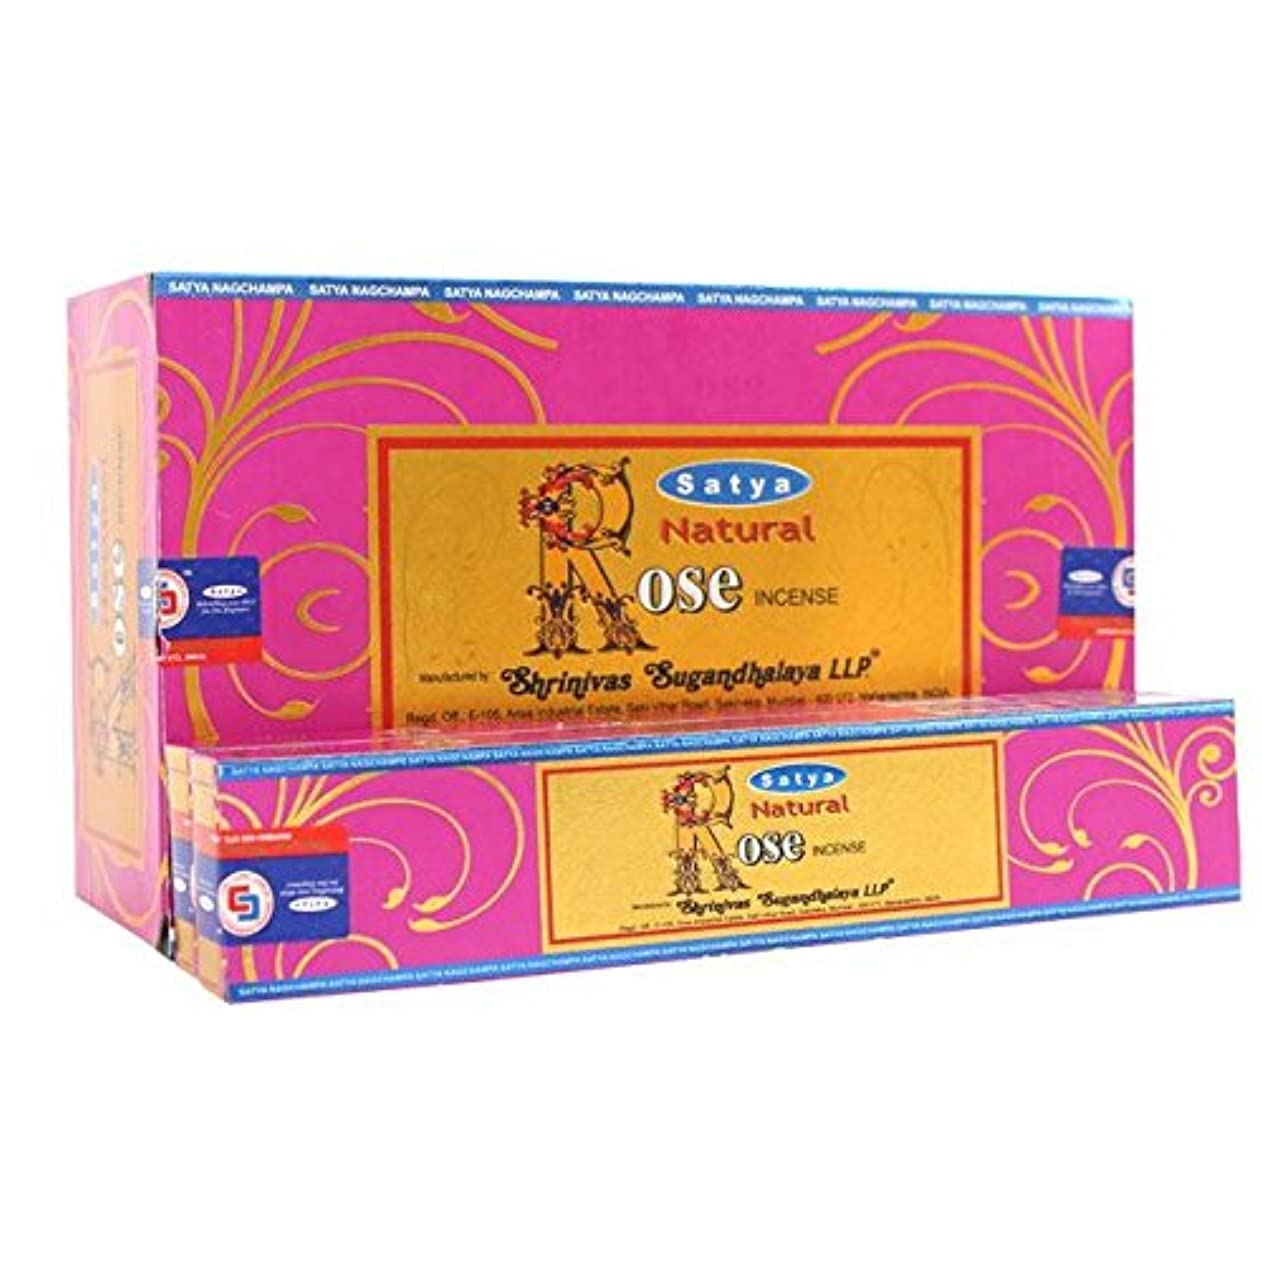 きつく足首起こるBox Of 12 Packs Of Natural Rose Incense Sticks By Satya